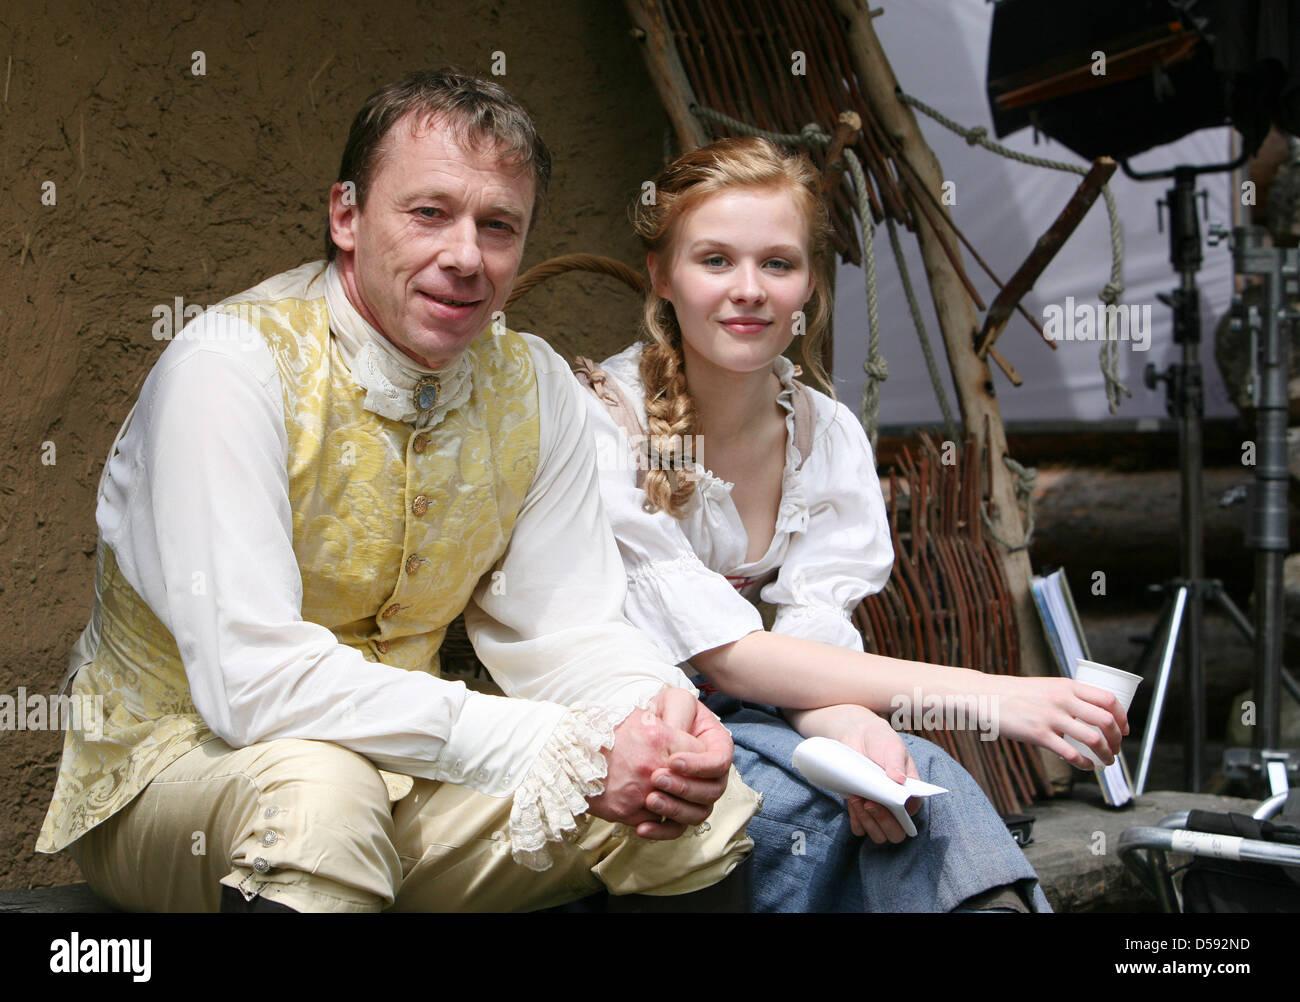 Prinzessin auf der erbse film  Schauspieler Rike Kloster und Ulrich Wiggers stellen, da Prinzessin ...